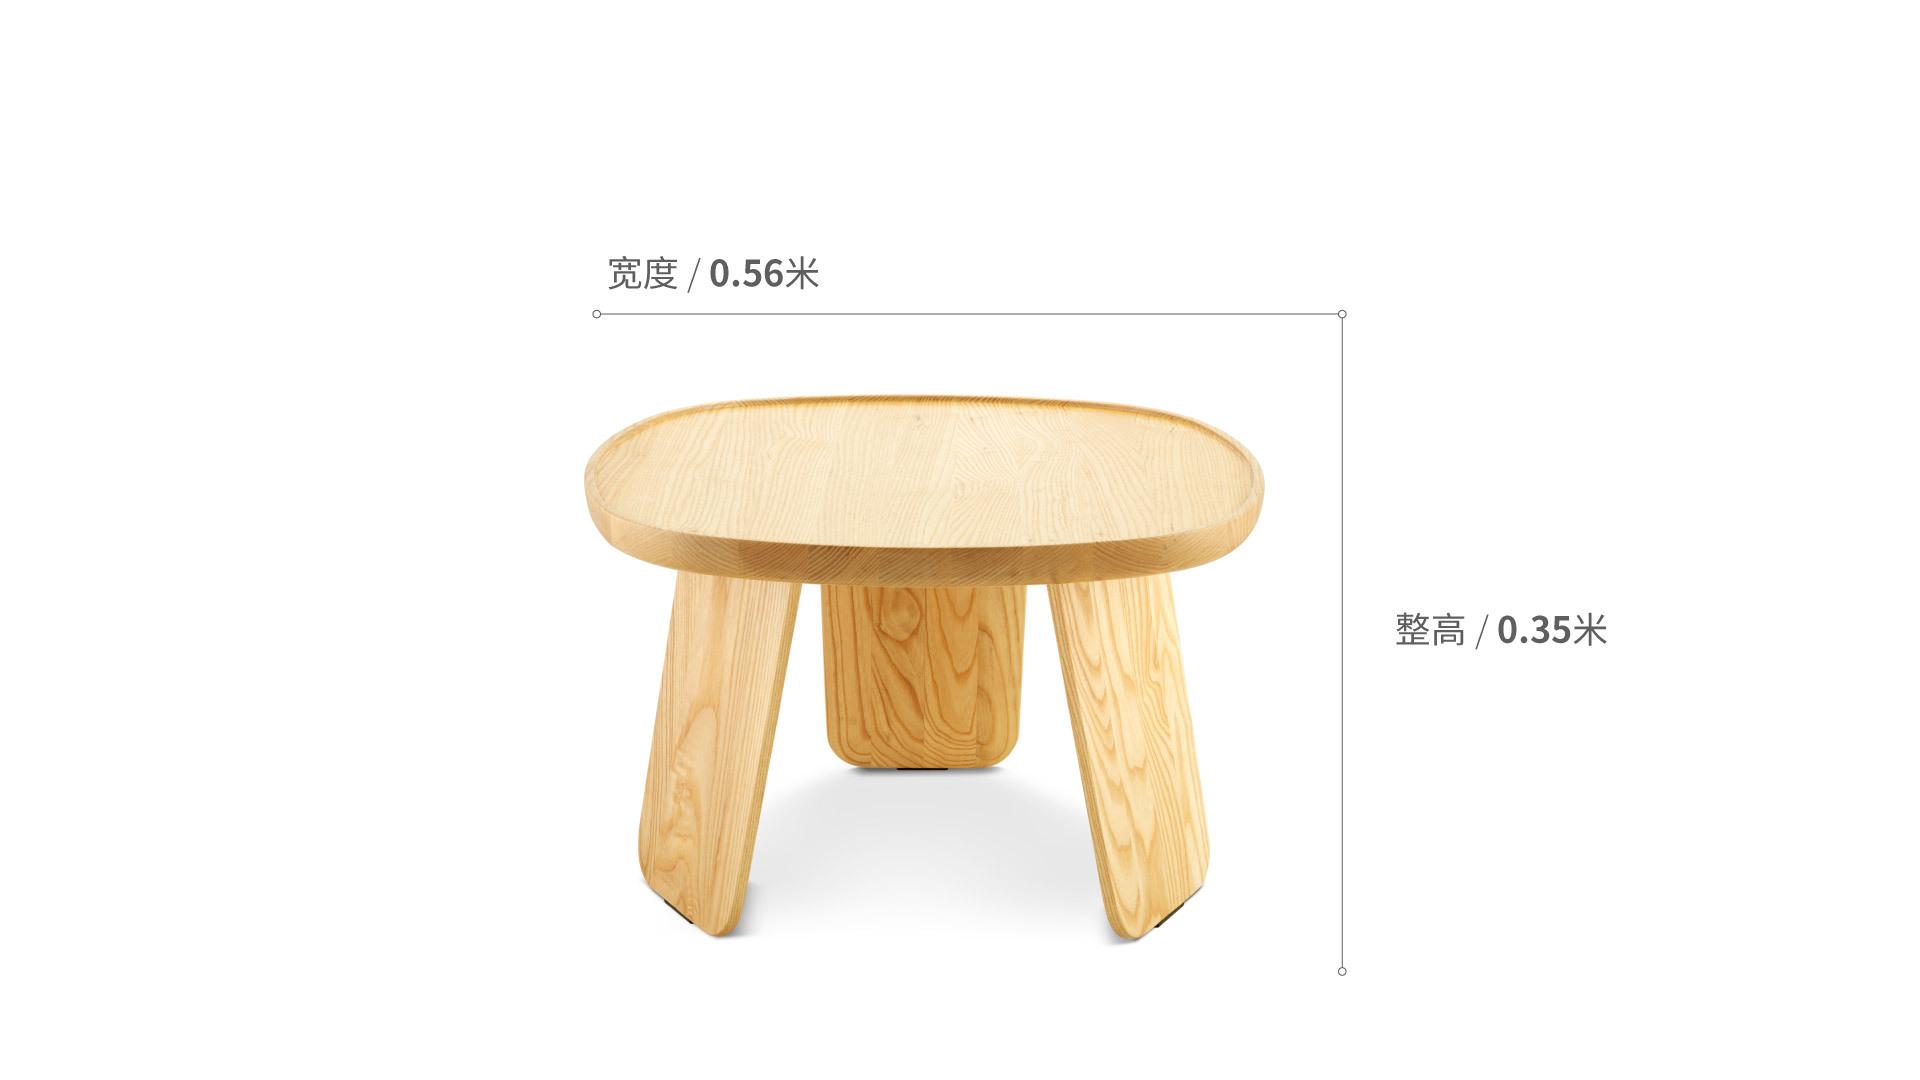 造作花间实木小桌®矮桌(全圆款)桌几效果图